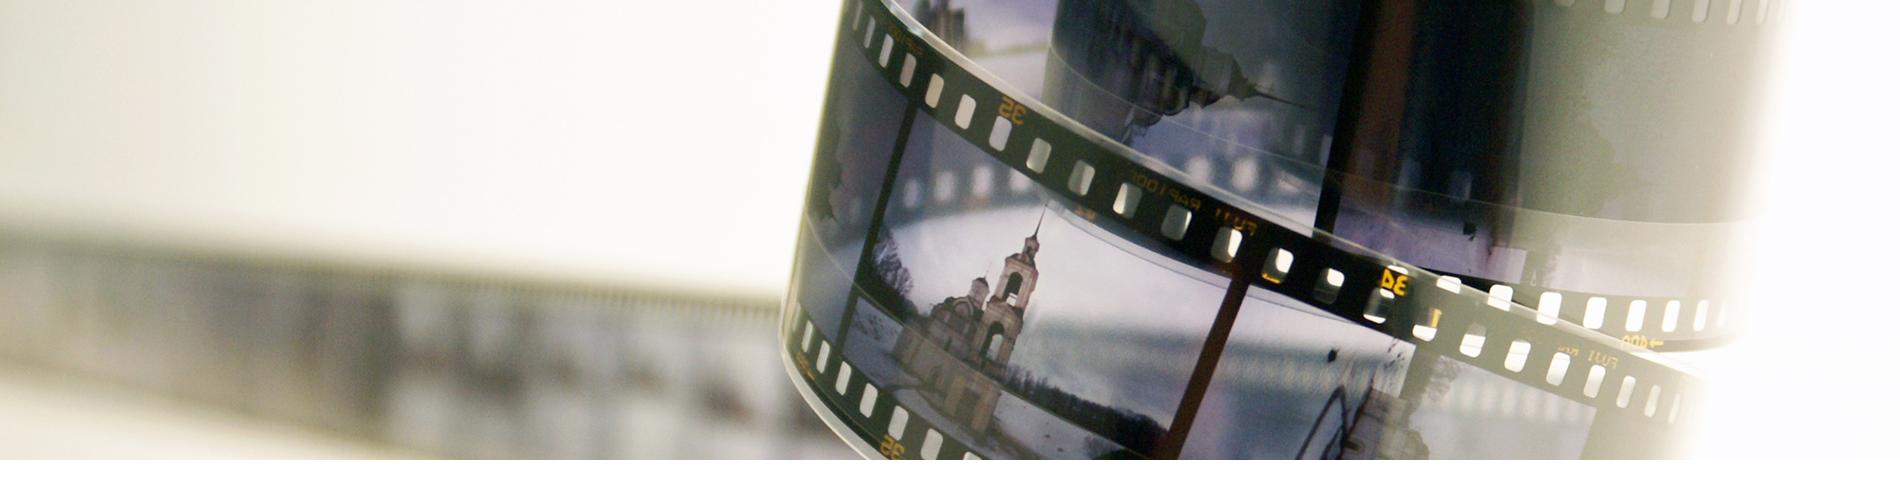 Het vertonen van een foto of dvd van uw dierbare maakt de afscheidsdienst heel persoonlijk. Bij Uitvaartverzorging Donker helpen we u er graag bij.